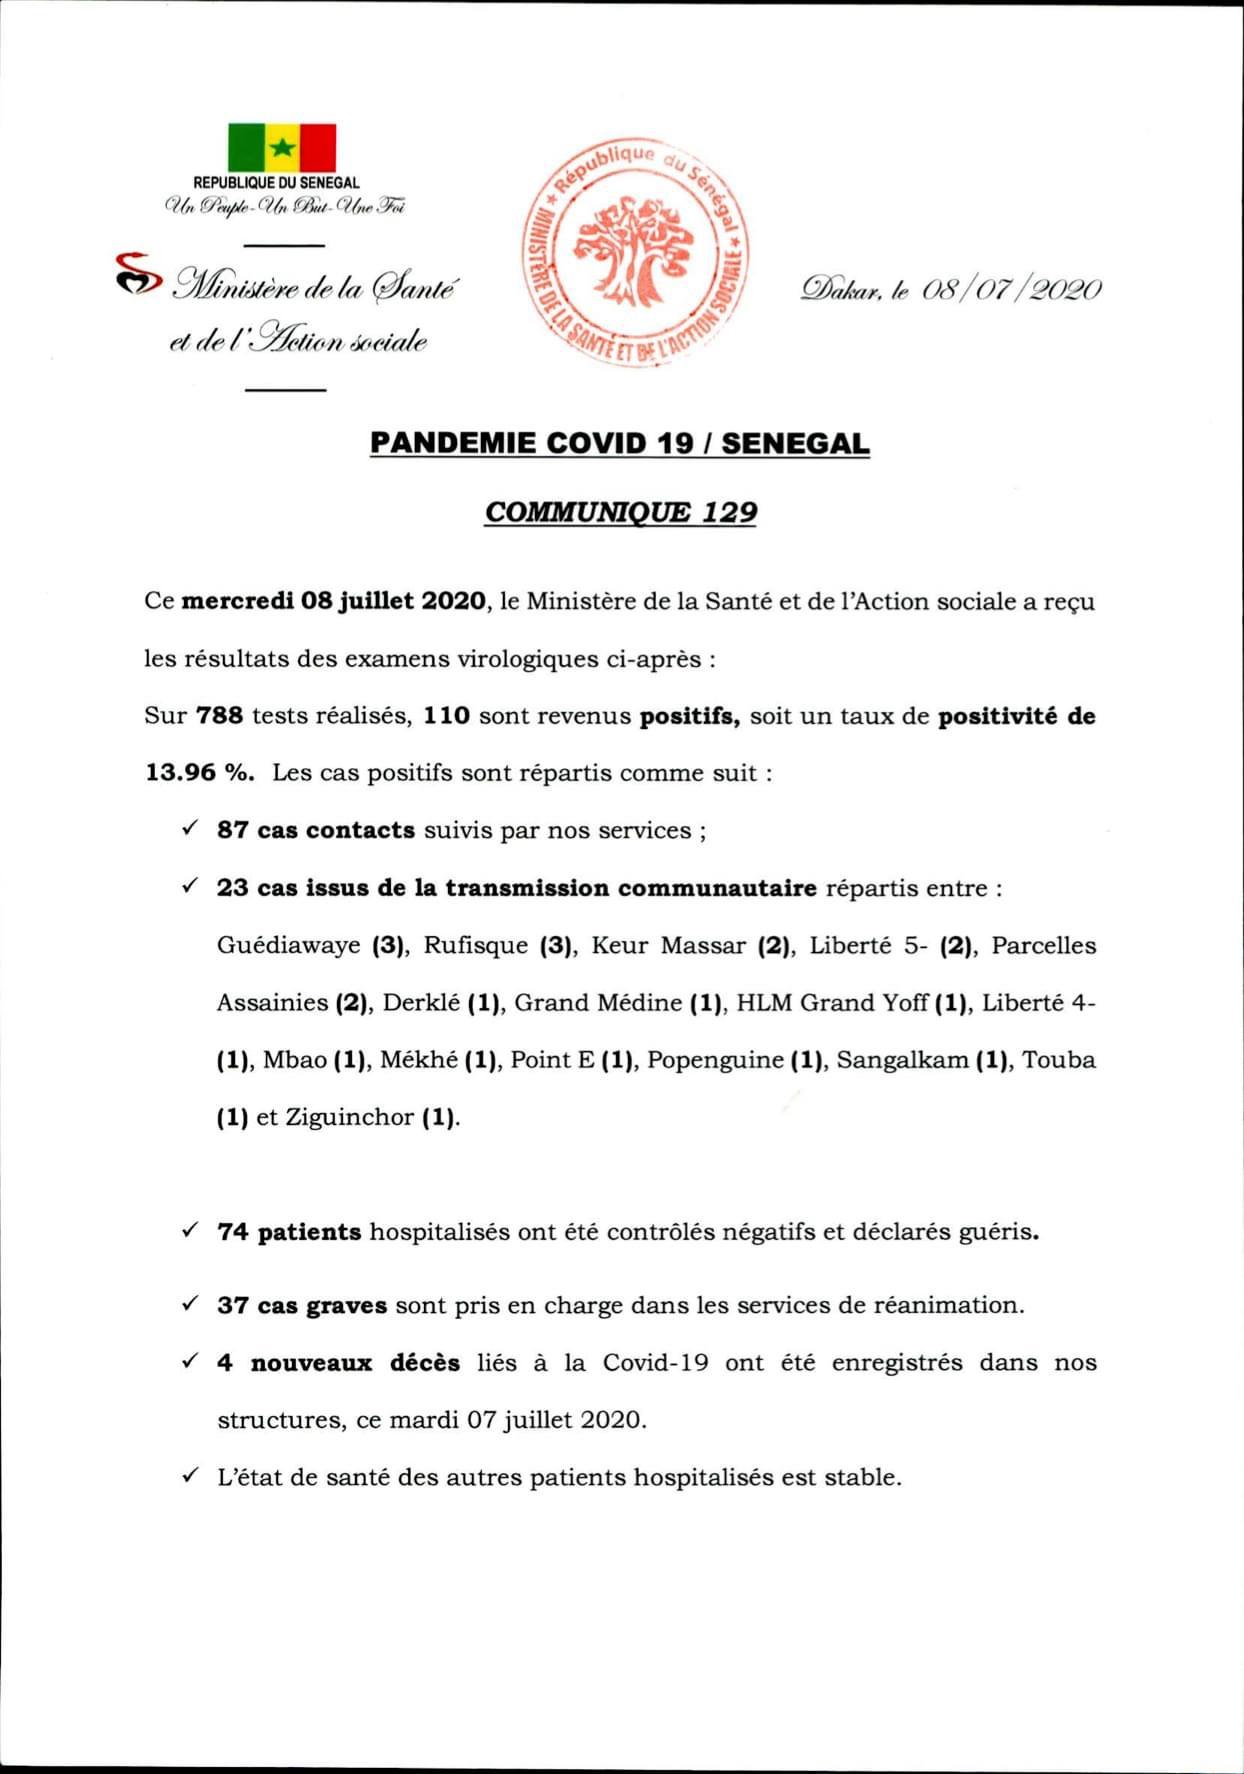 SÉNÉGAL : 110 nouveaux cas testés positifs au coronavirus, 74 nouveaux guéris, 4 nouveaux décès et 37 cas graves en réanimation.